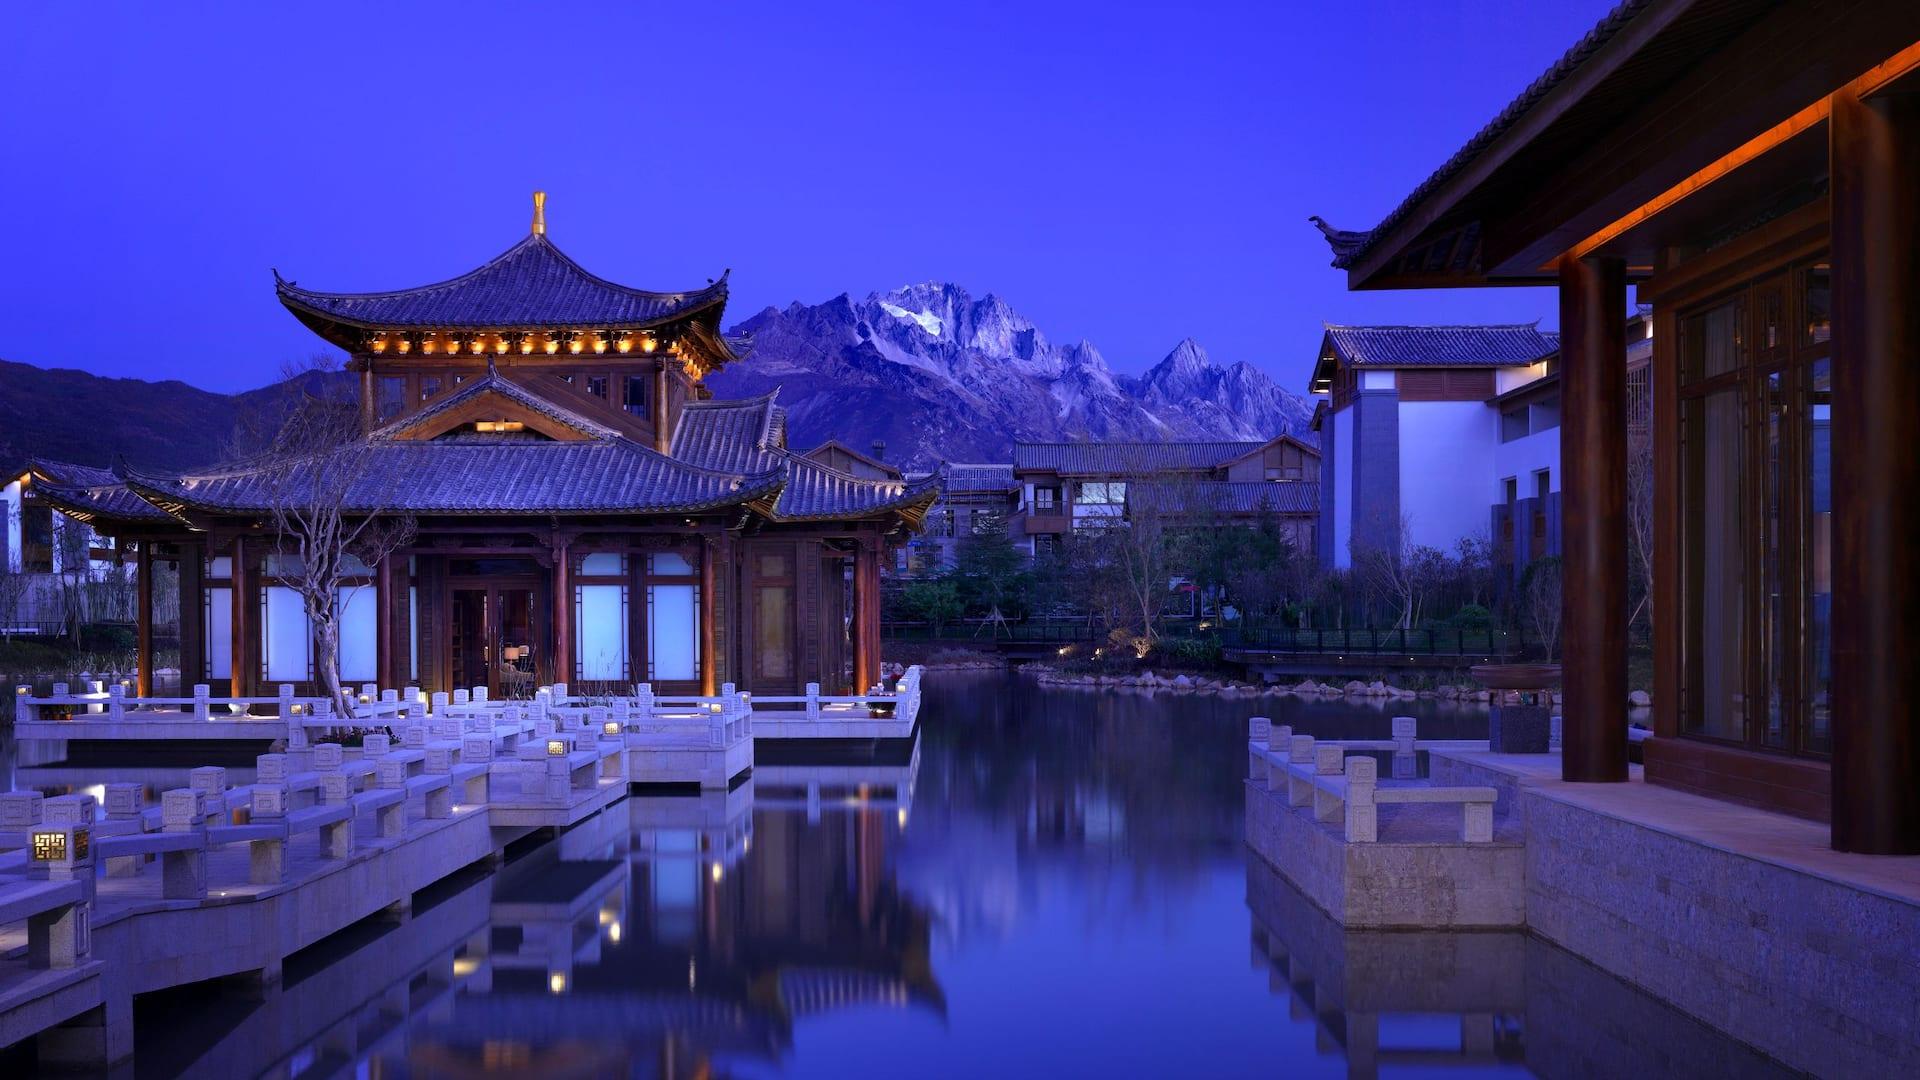 Tea House with Snow Mountain View